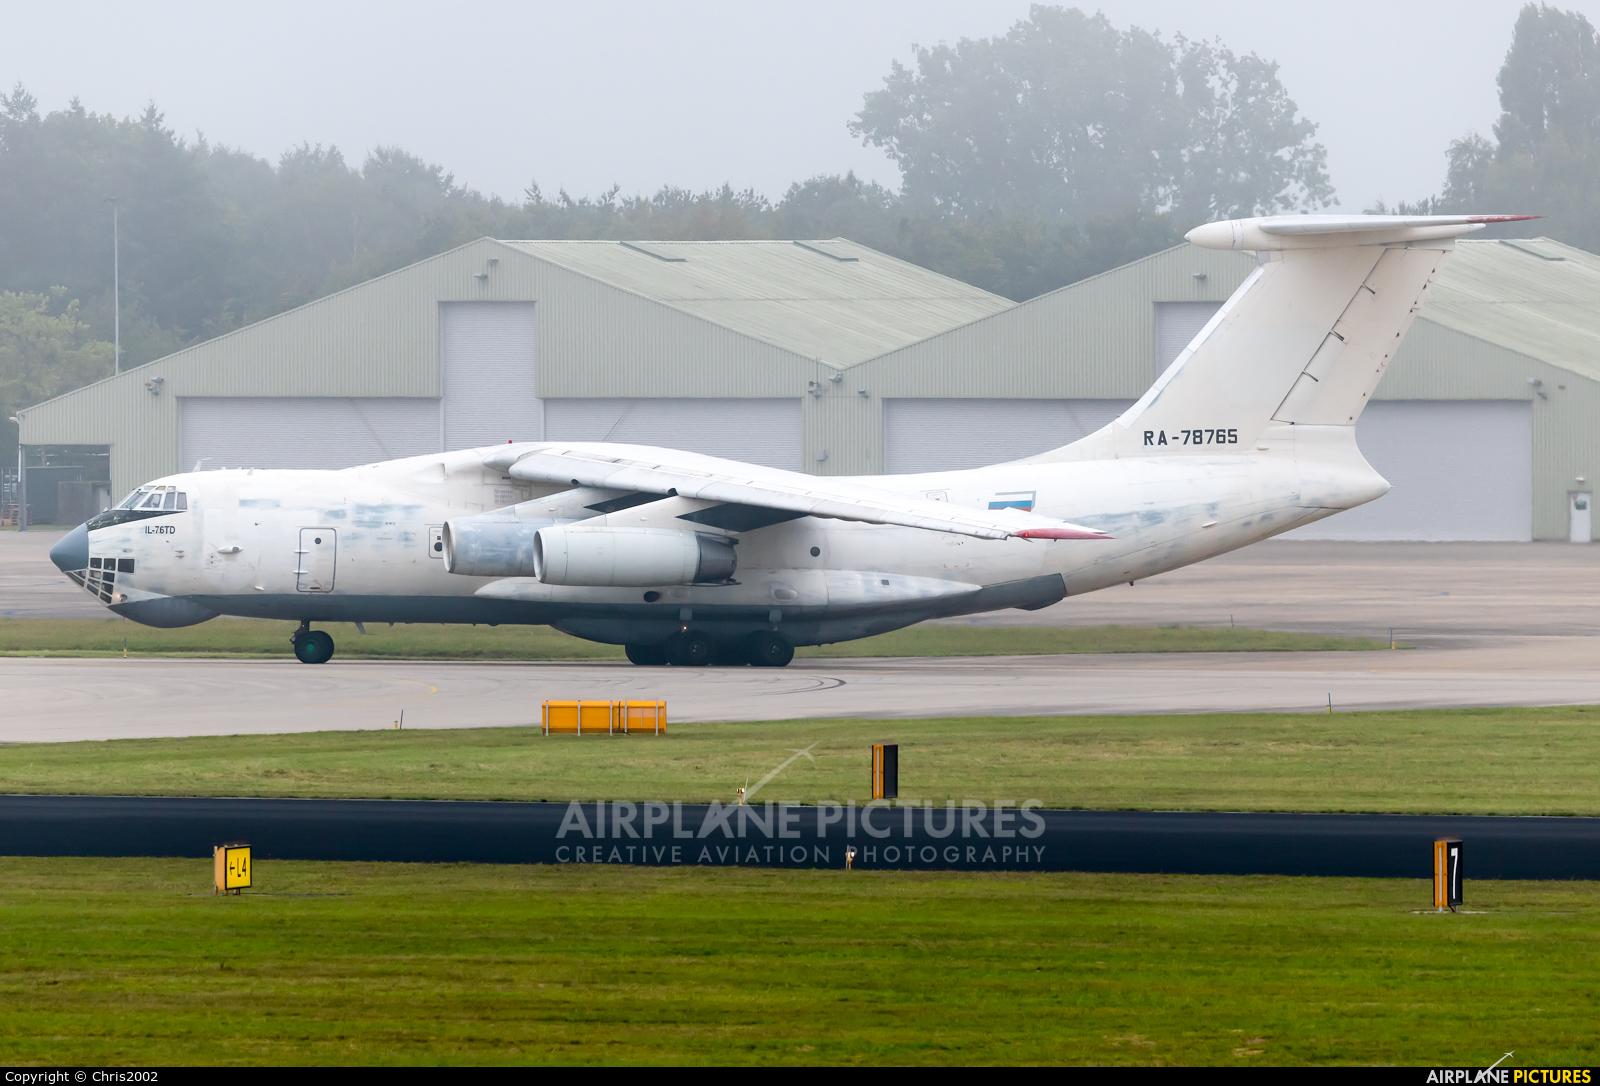 Aviacon Zitotrans RA-78765 aircraft at Eindhoven